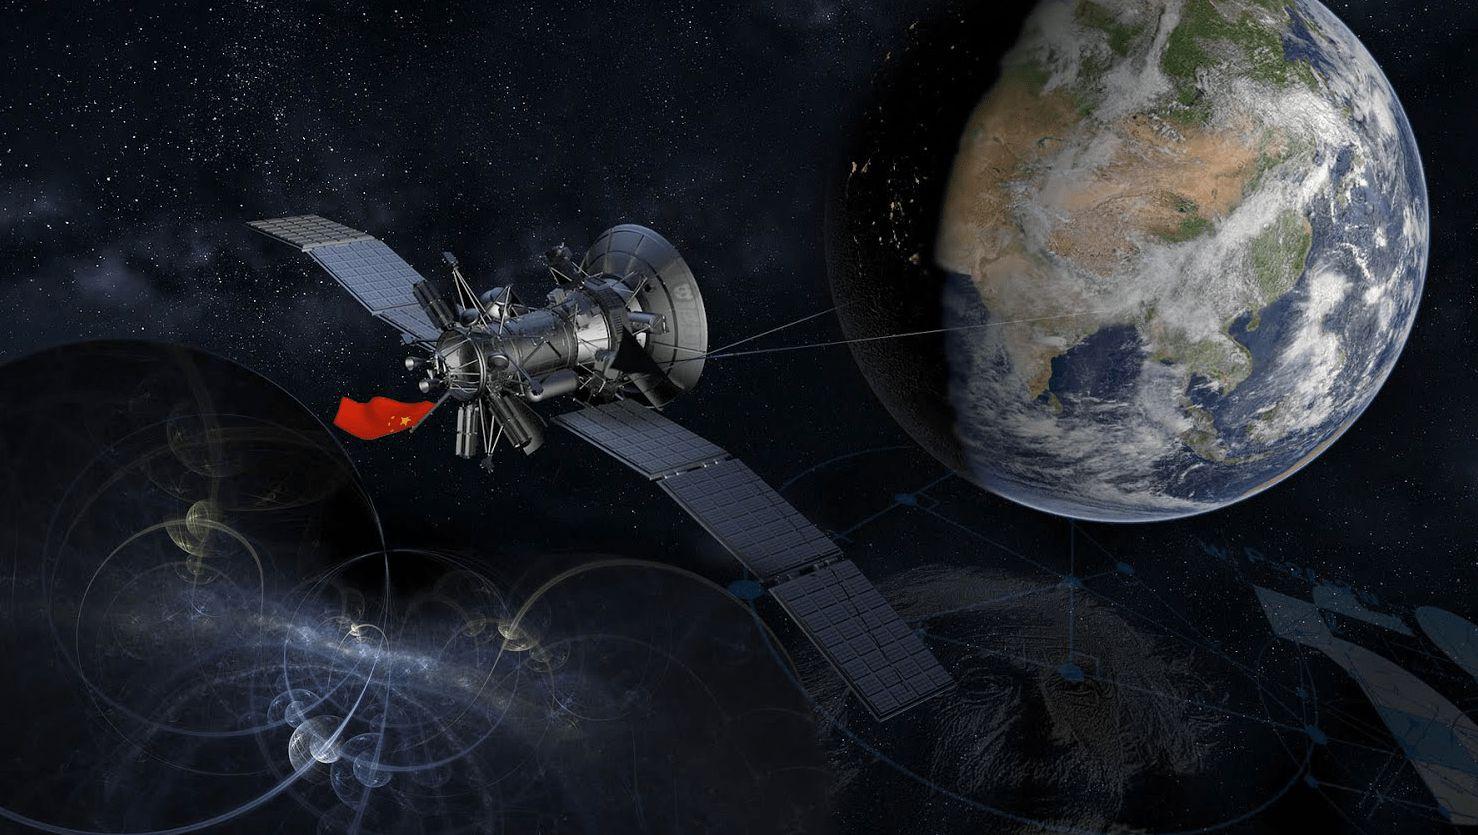 پژوهشگران چینی یک پیام کوانتومی غیرقابل نفوذ به فضا میفرستند